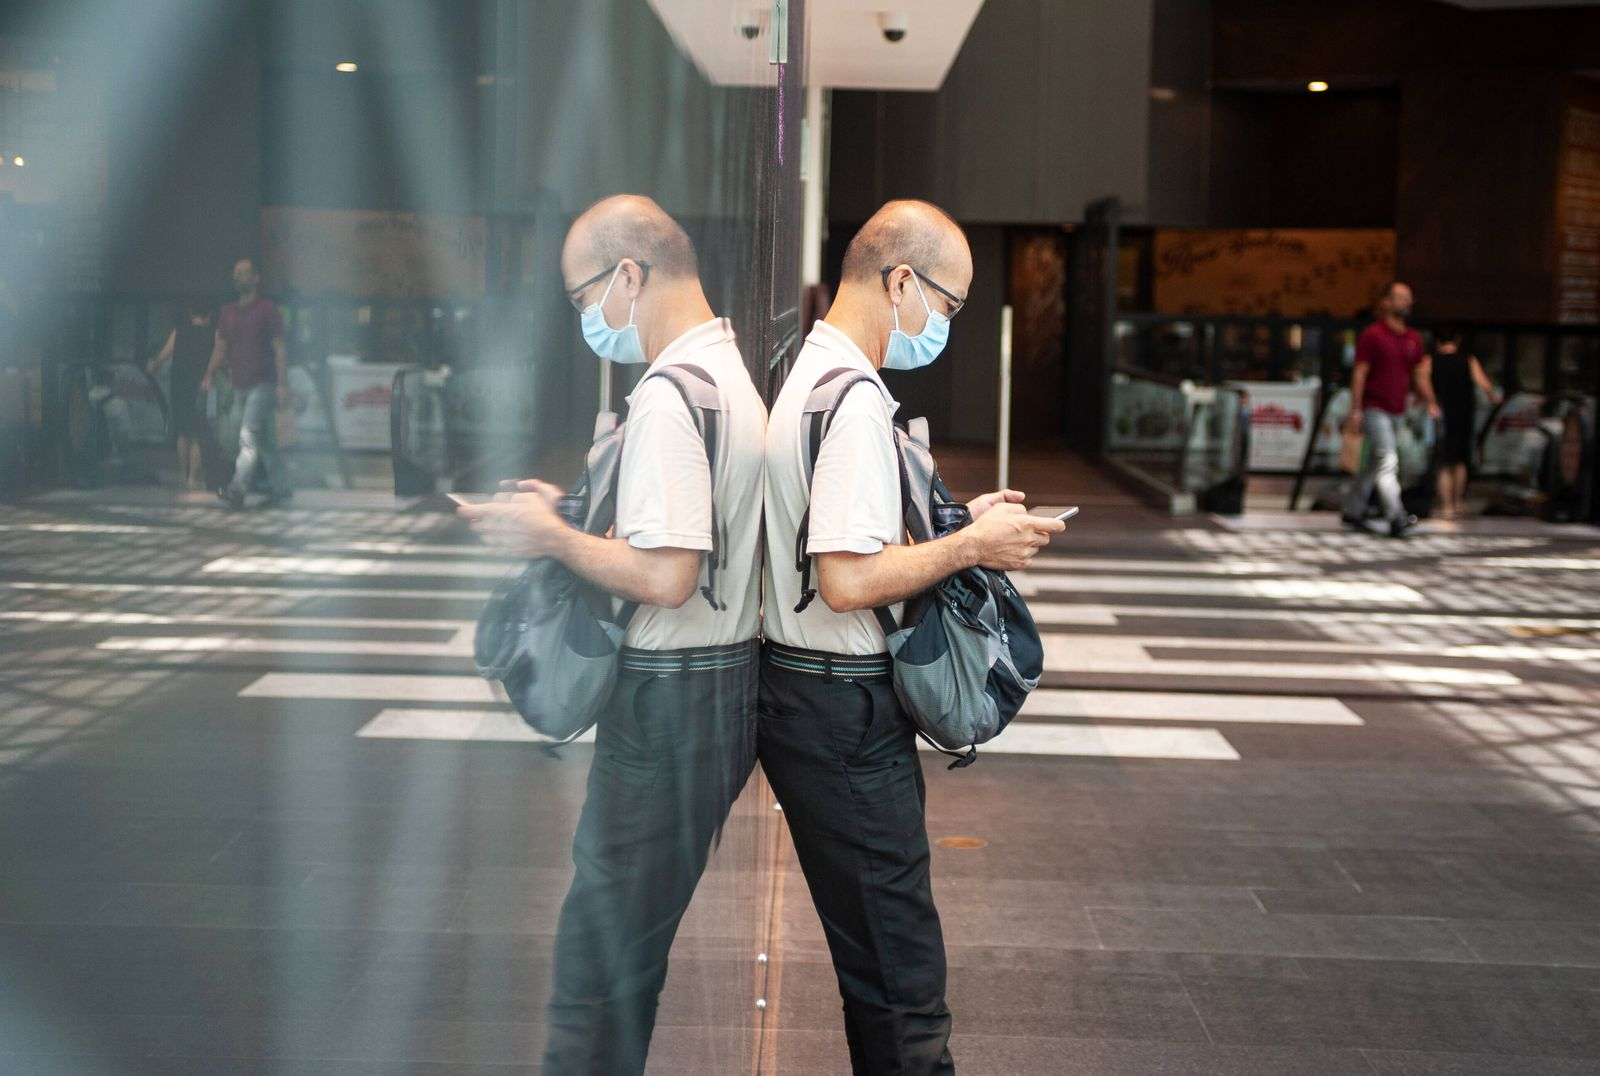 02.04.2020, Singapur, Republik Singapur, Asien - Ein Mann starrt im Raffles City Einkaufszentrum auf sein Handy und trae